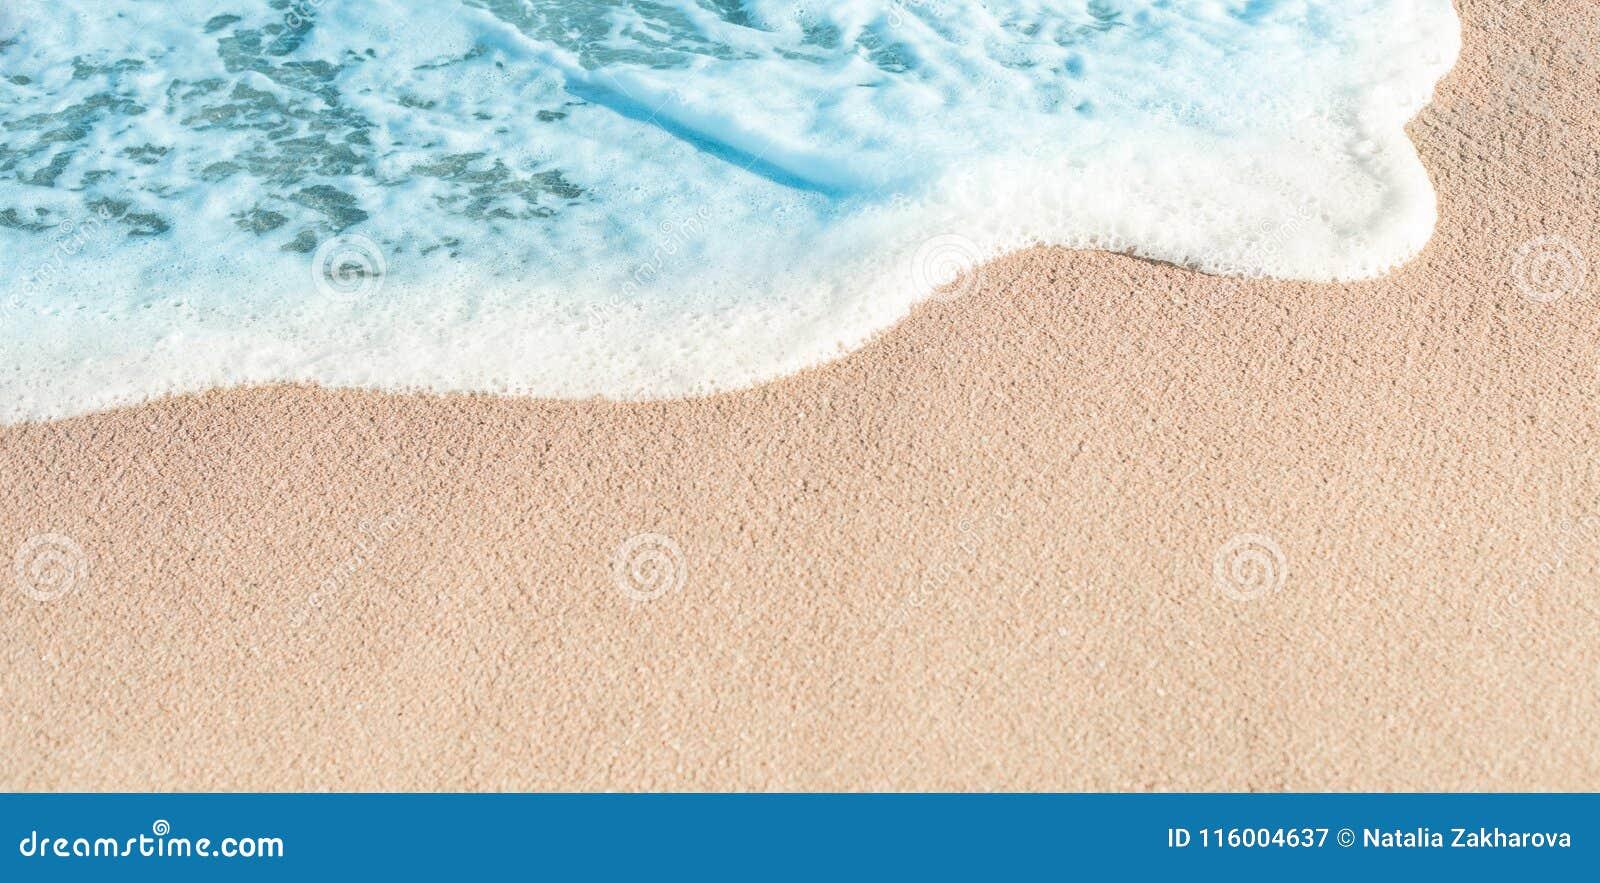 Zachte Golf van Blauwe oceaan in de zomer Sandy Sea Beach Background w